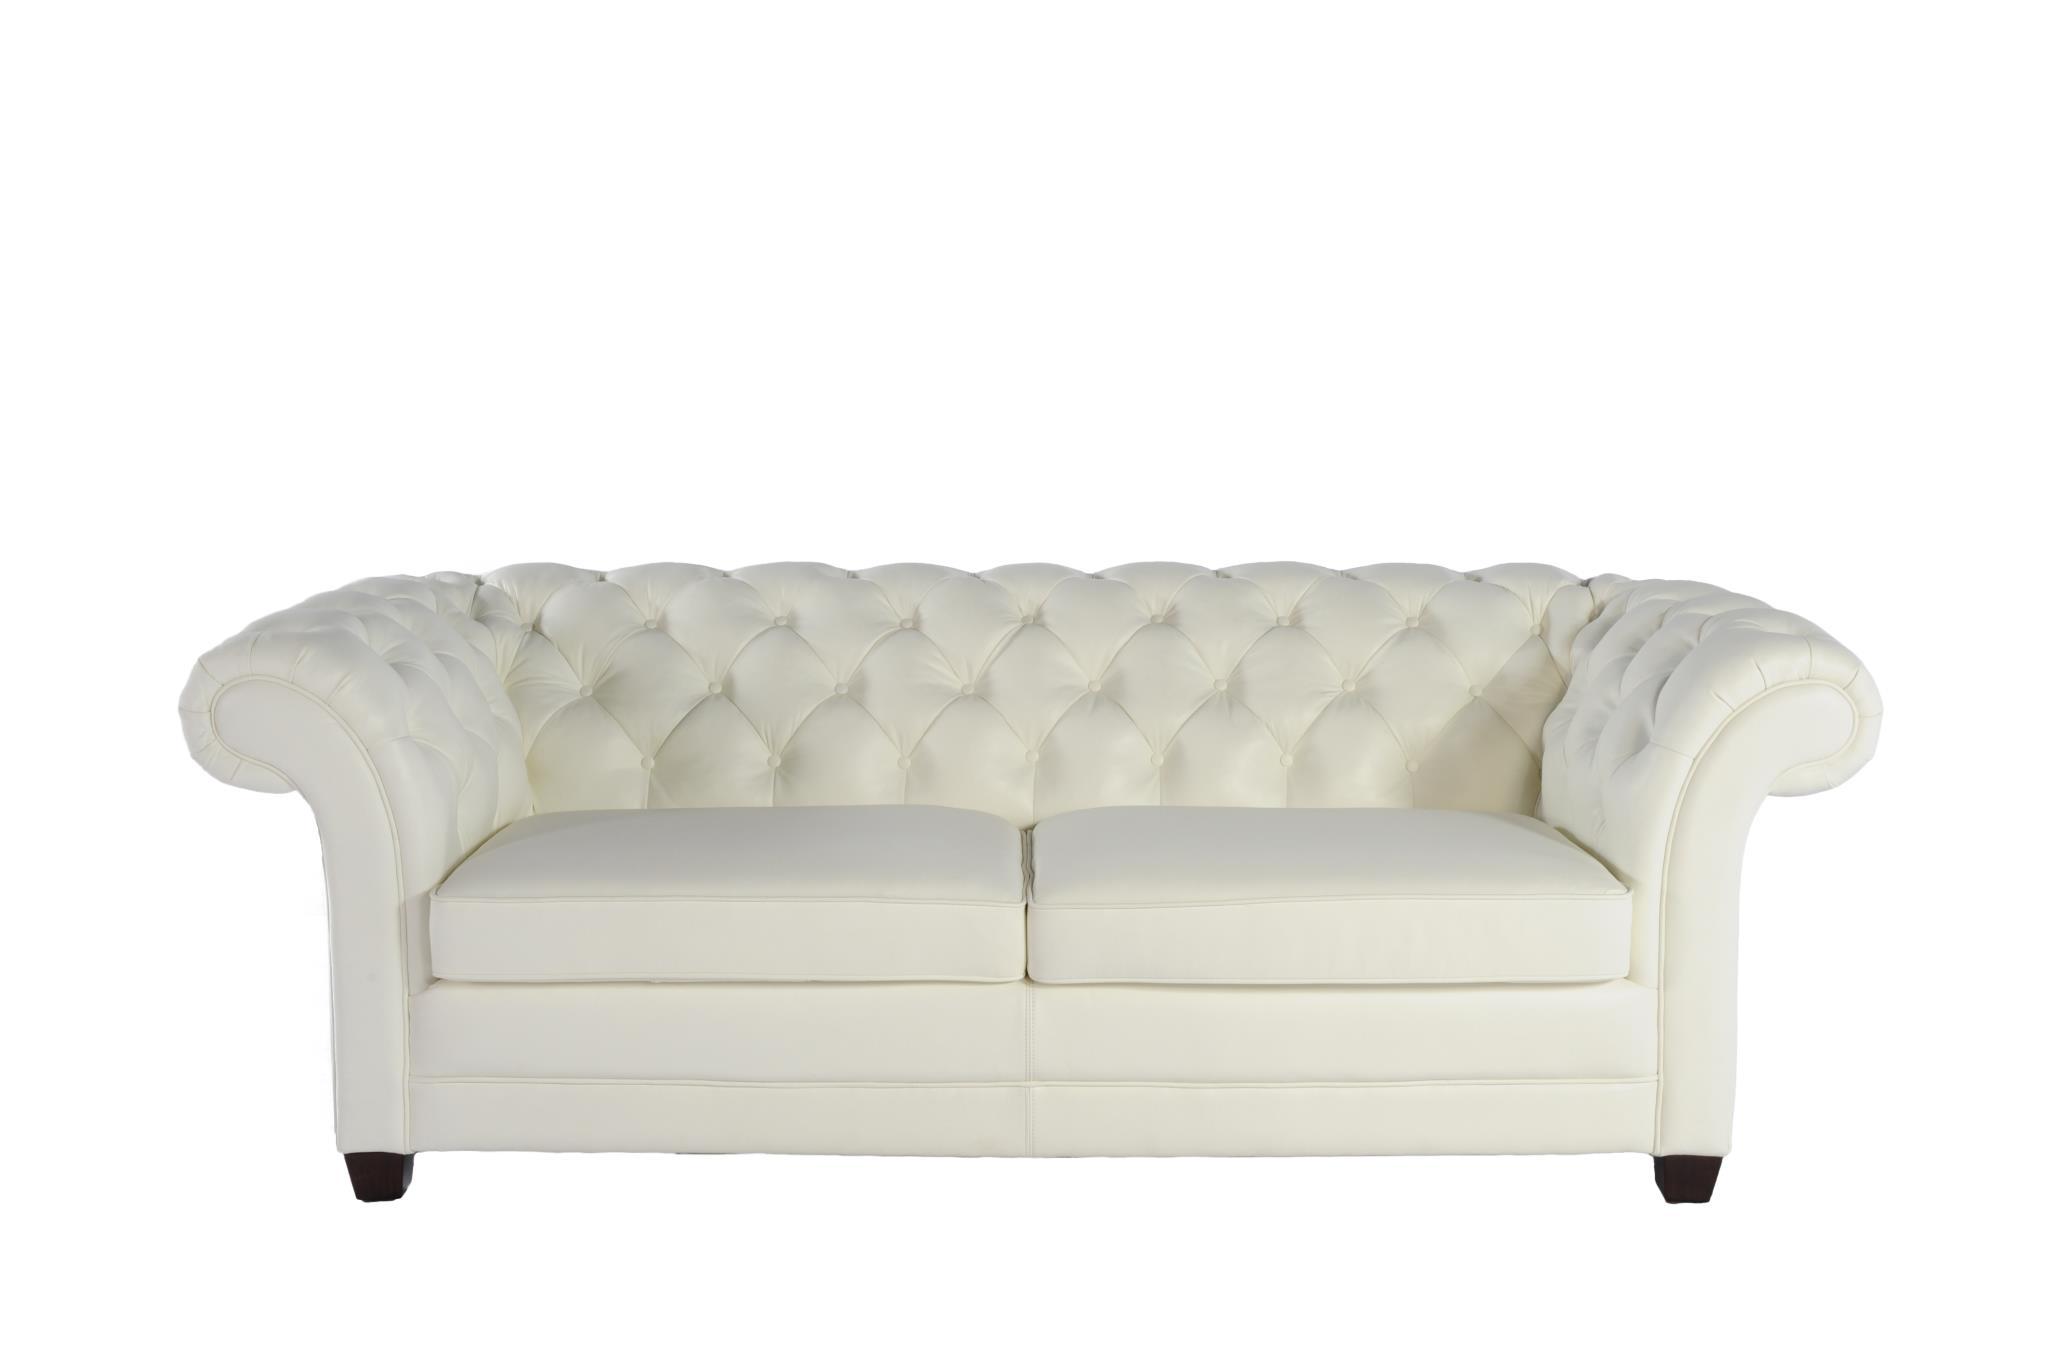 Victoria 1042 Leather Sofa in White IN STOCK